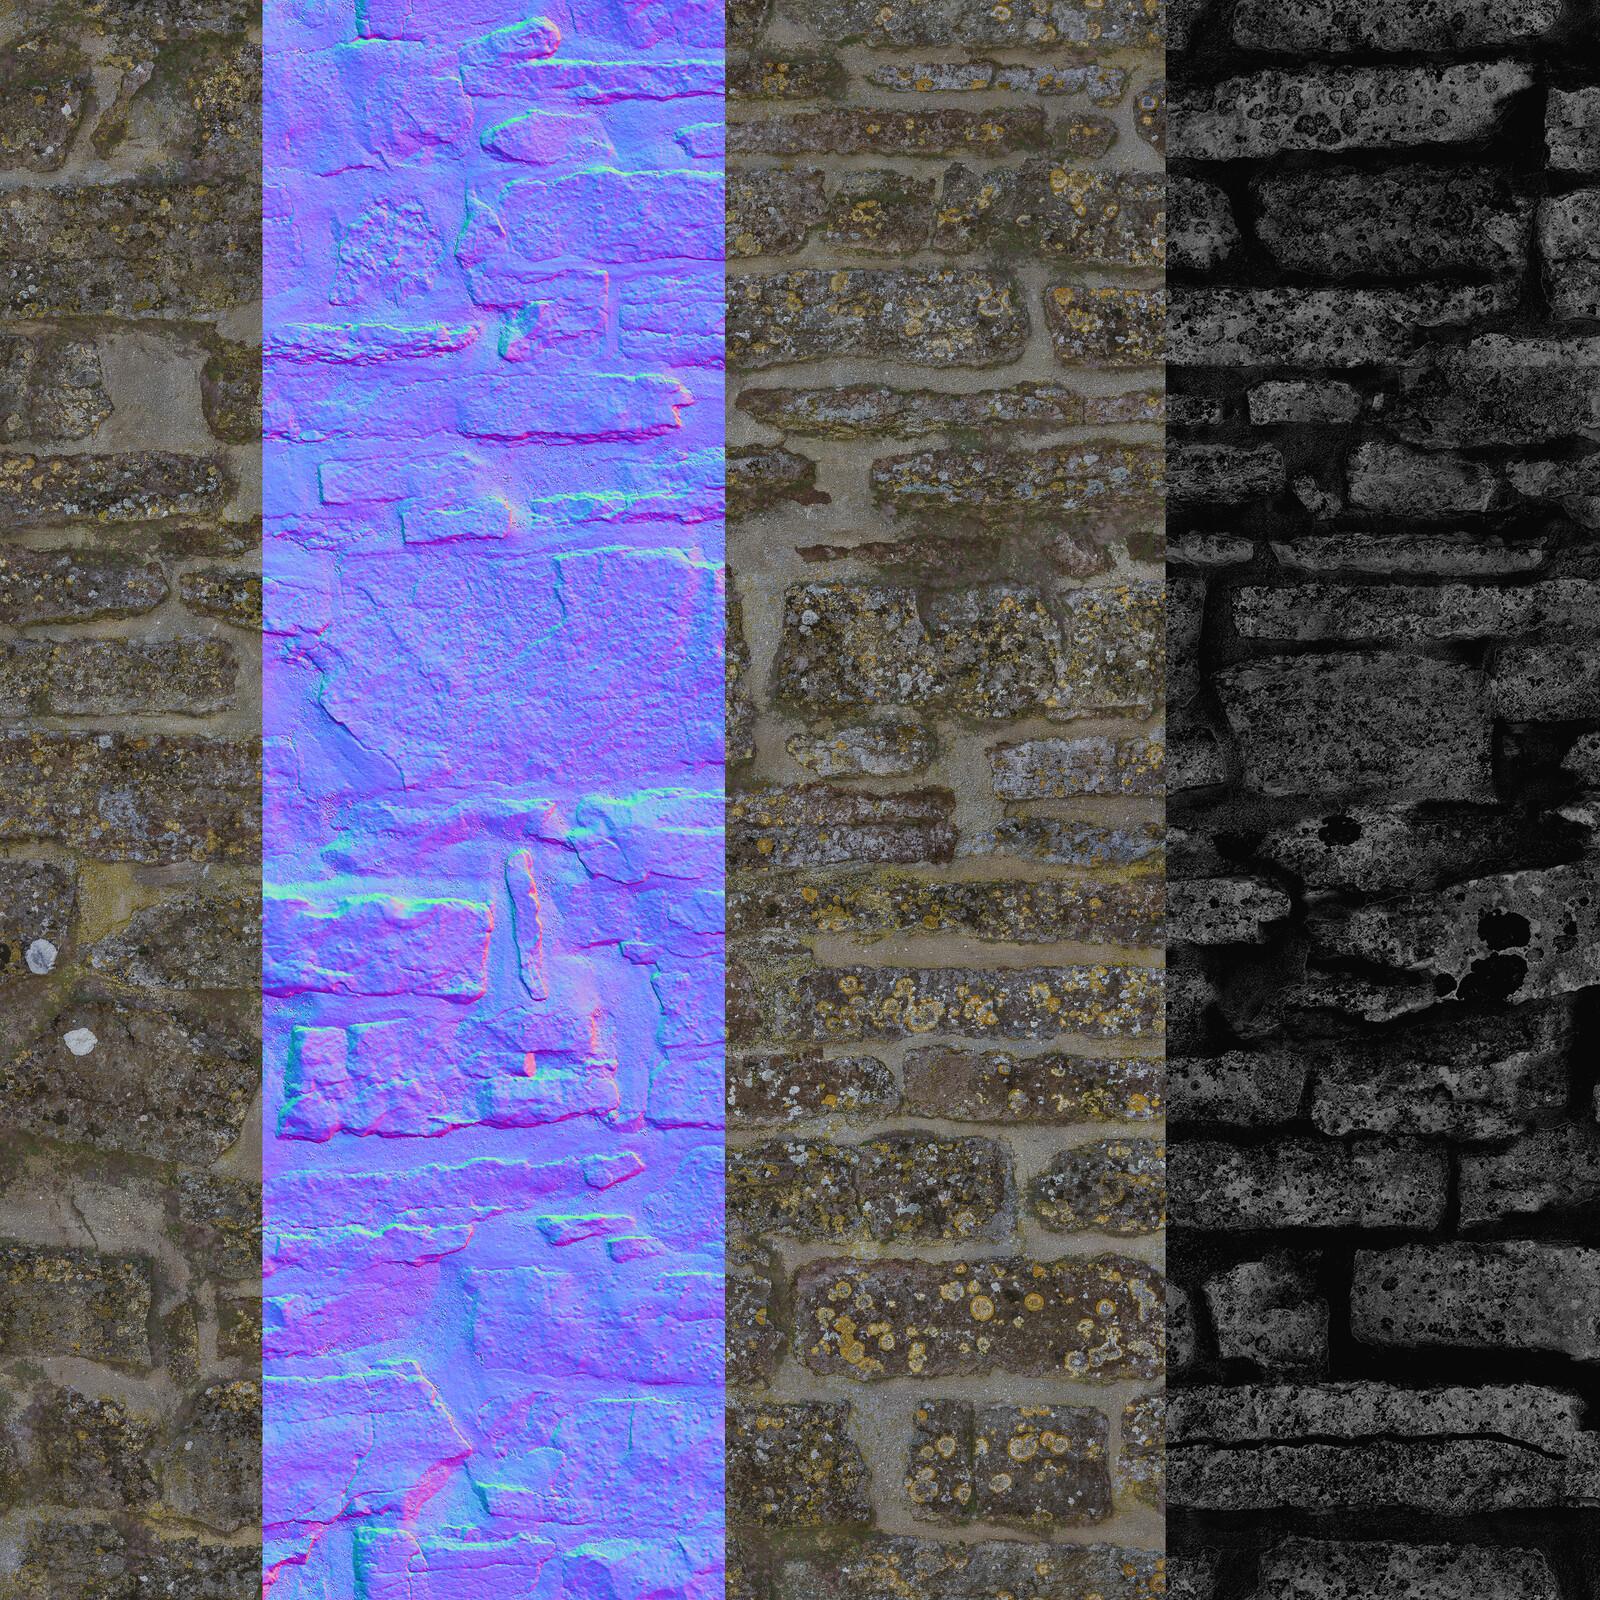 2048x2048 texture, 1024 p/m texeleration, Tile technique